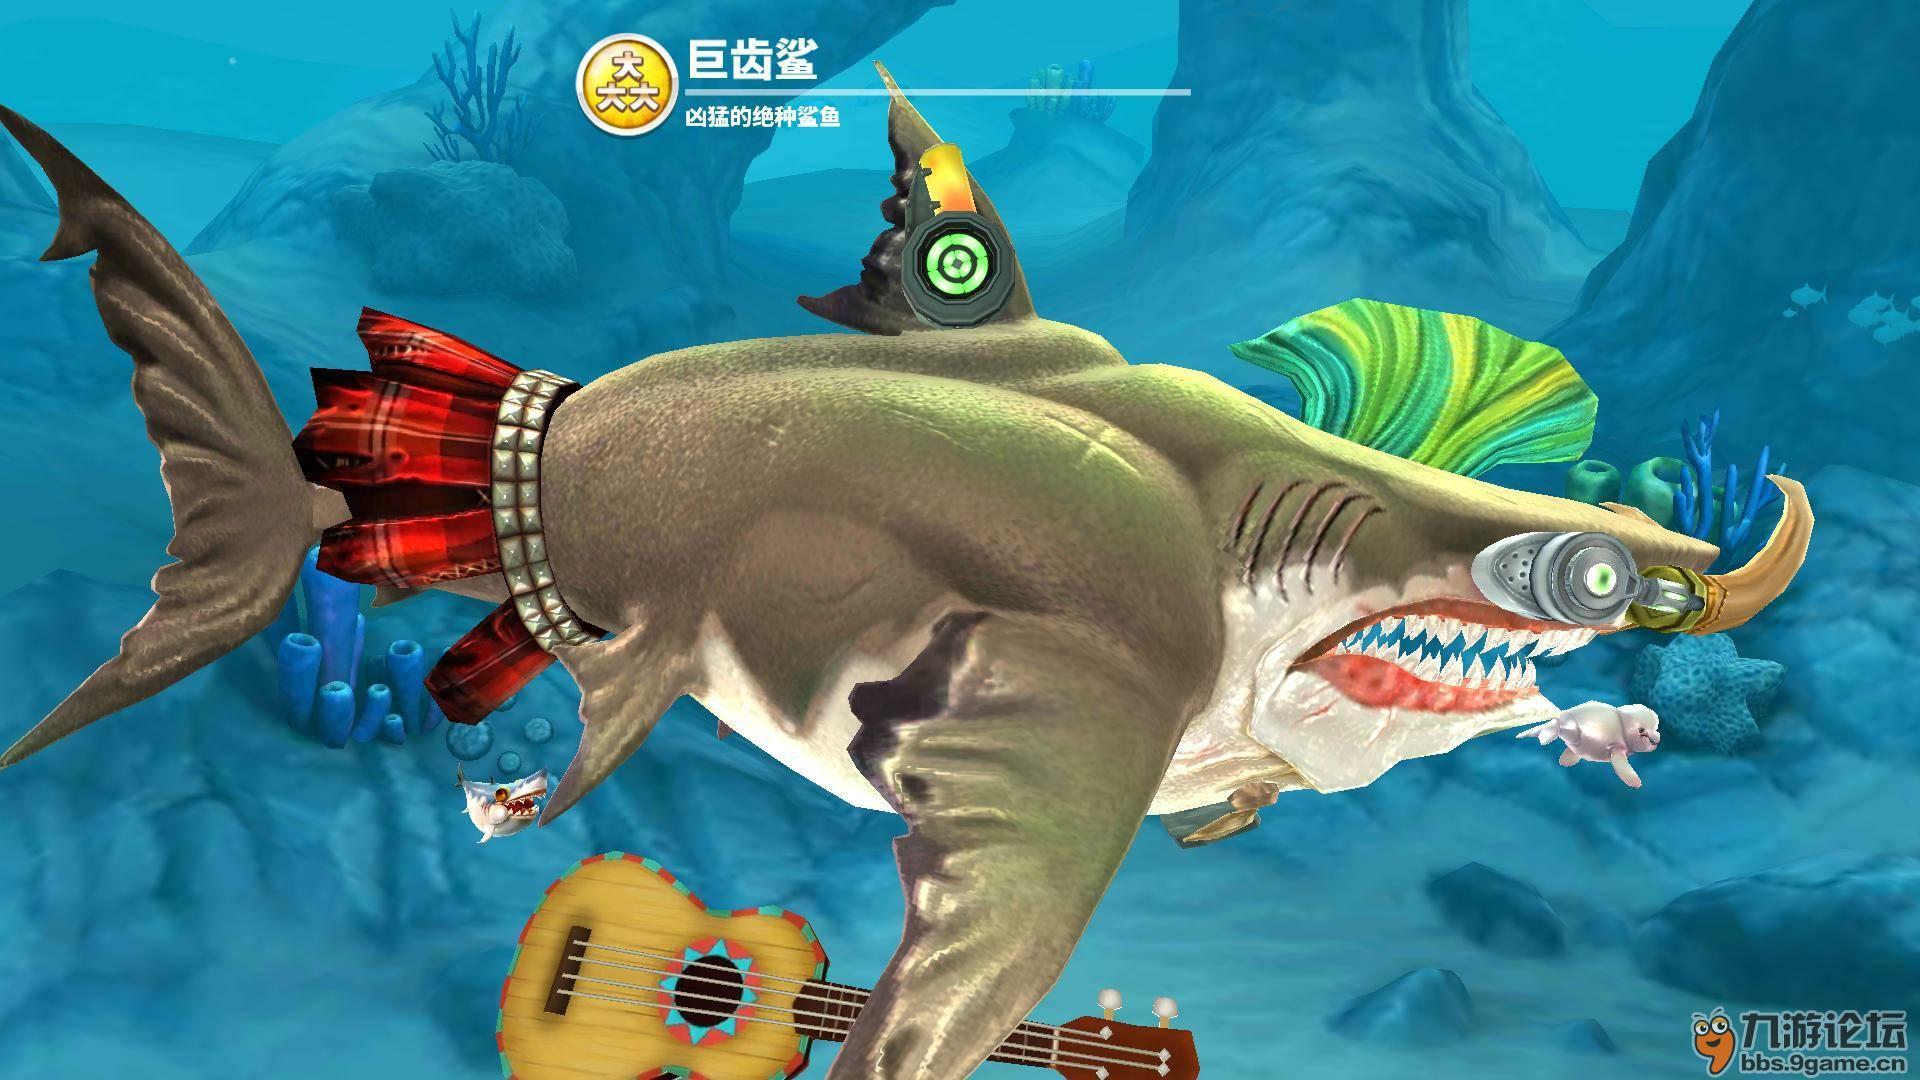 巨齿鲨飘过图片